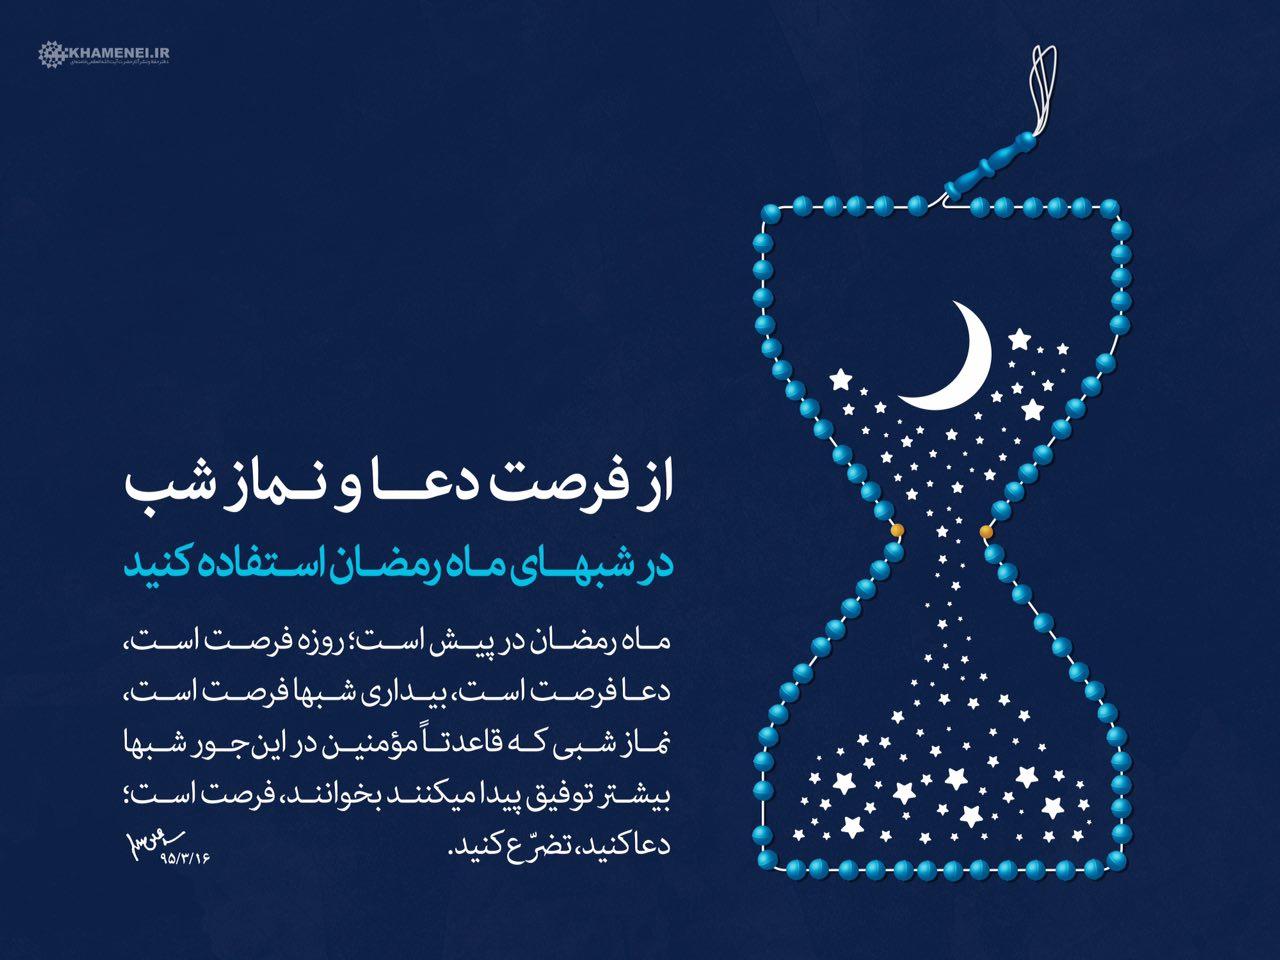 از فرصت دعا و نماز شب در شبهای ماه رمضان استفاده کنید.jpg (1280×960)